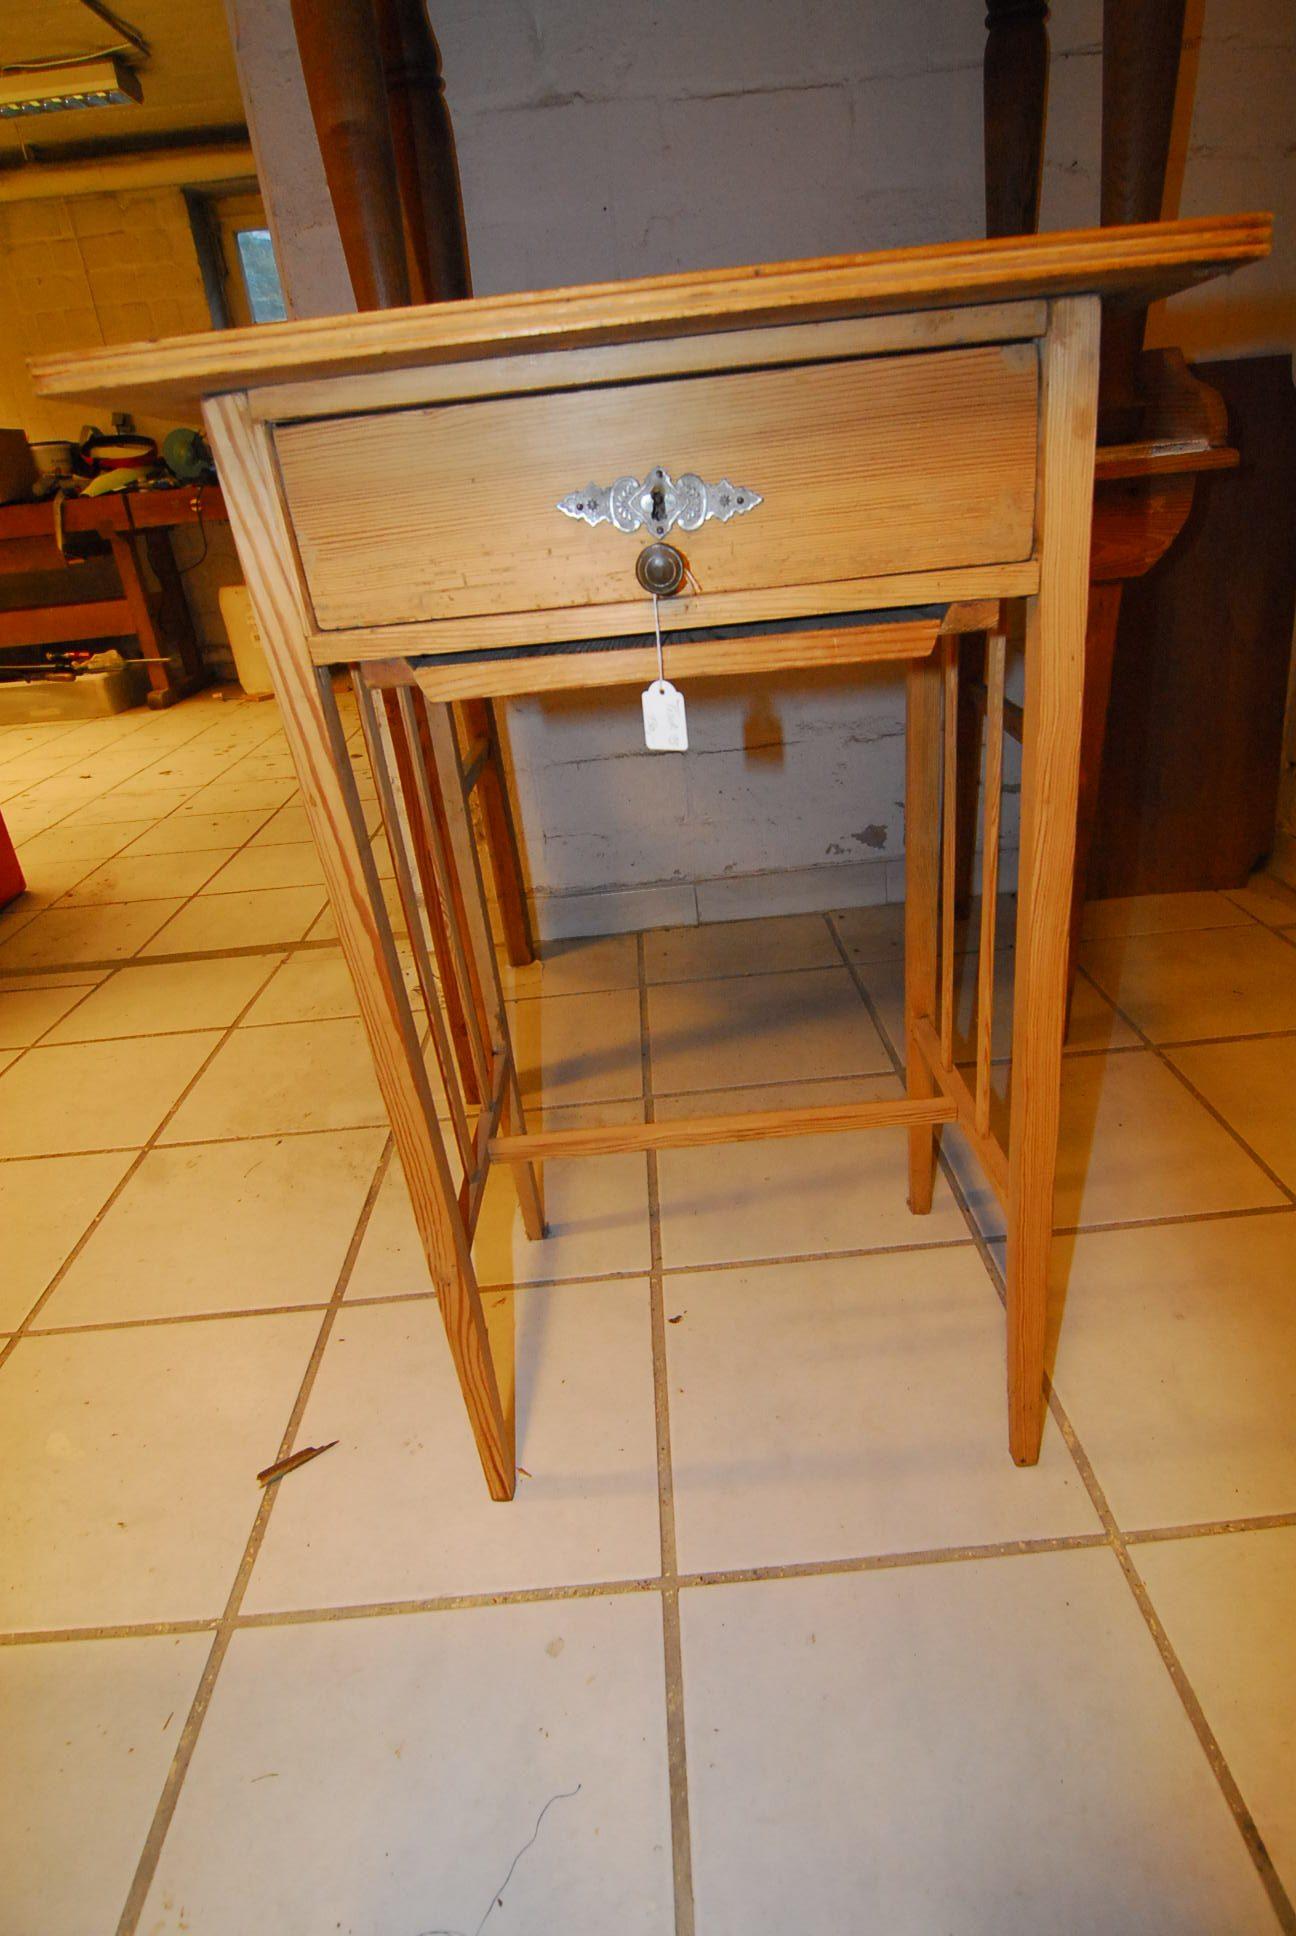 Tisch 13   Maße: H 80 cm  B 54 cm  T 40 cm Preis: 130 €